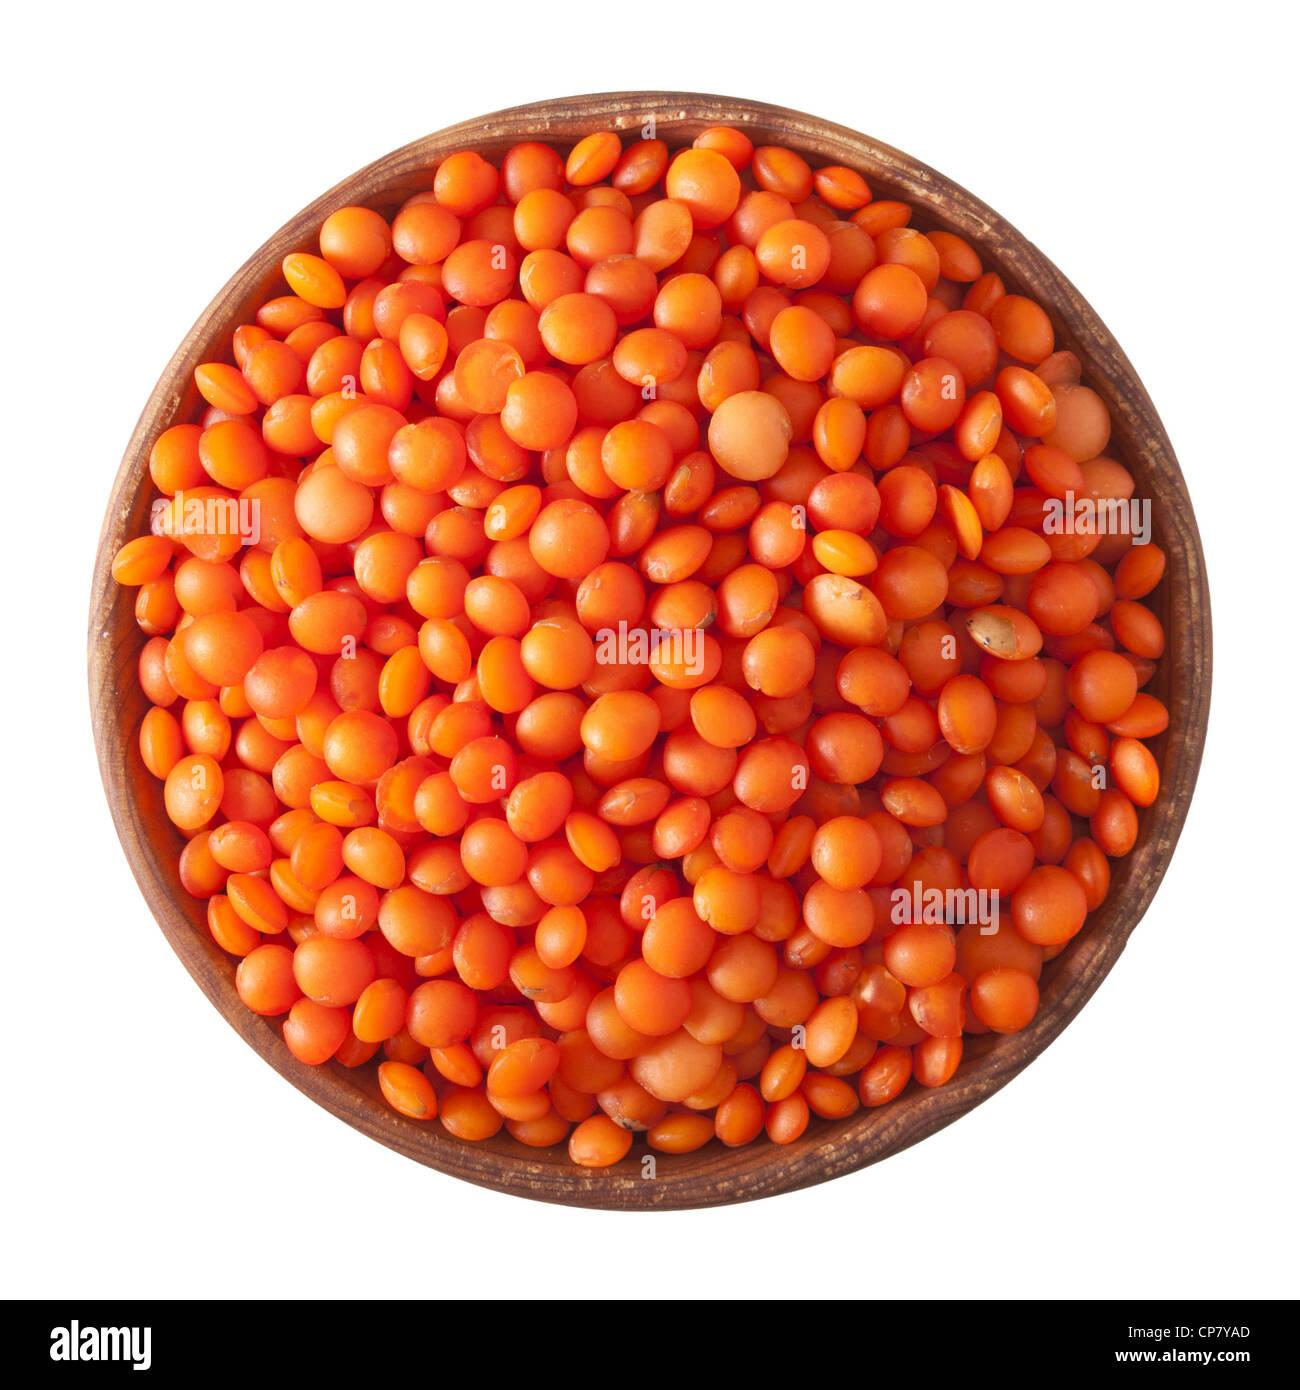 Ciotola di legno pieno di lenticchie rosse isolato su sfondo bianco Immagini Stock